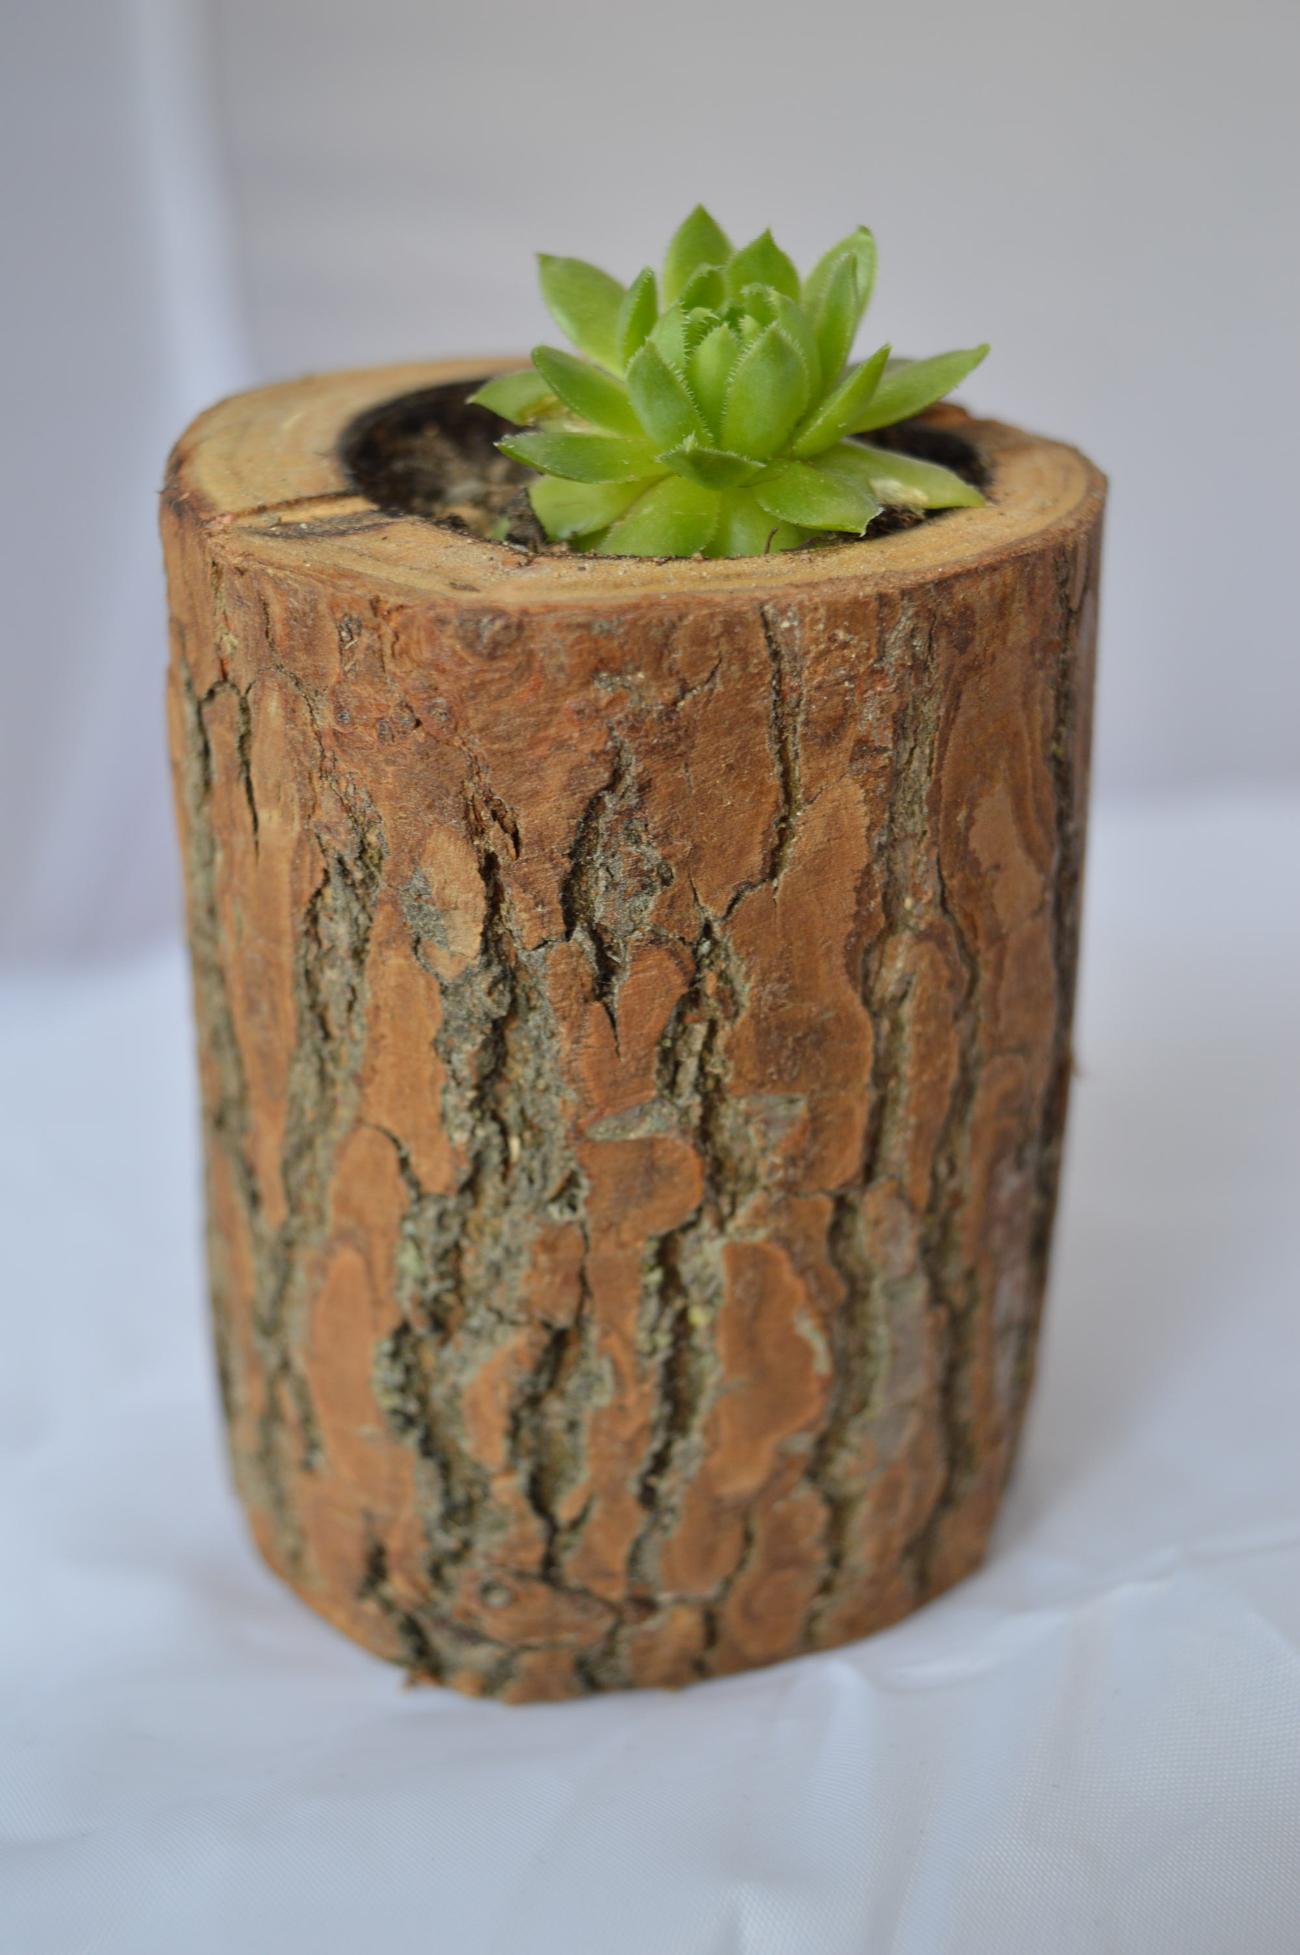 Roślina Ozdobna W Pniu Drzewa